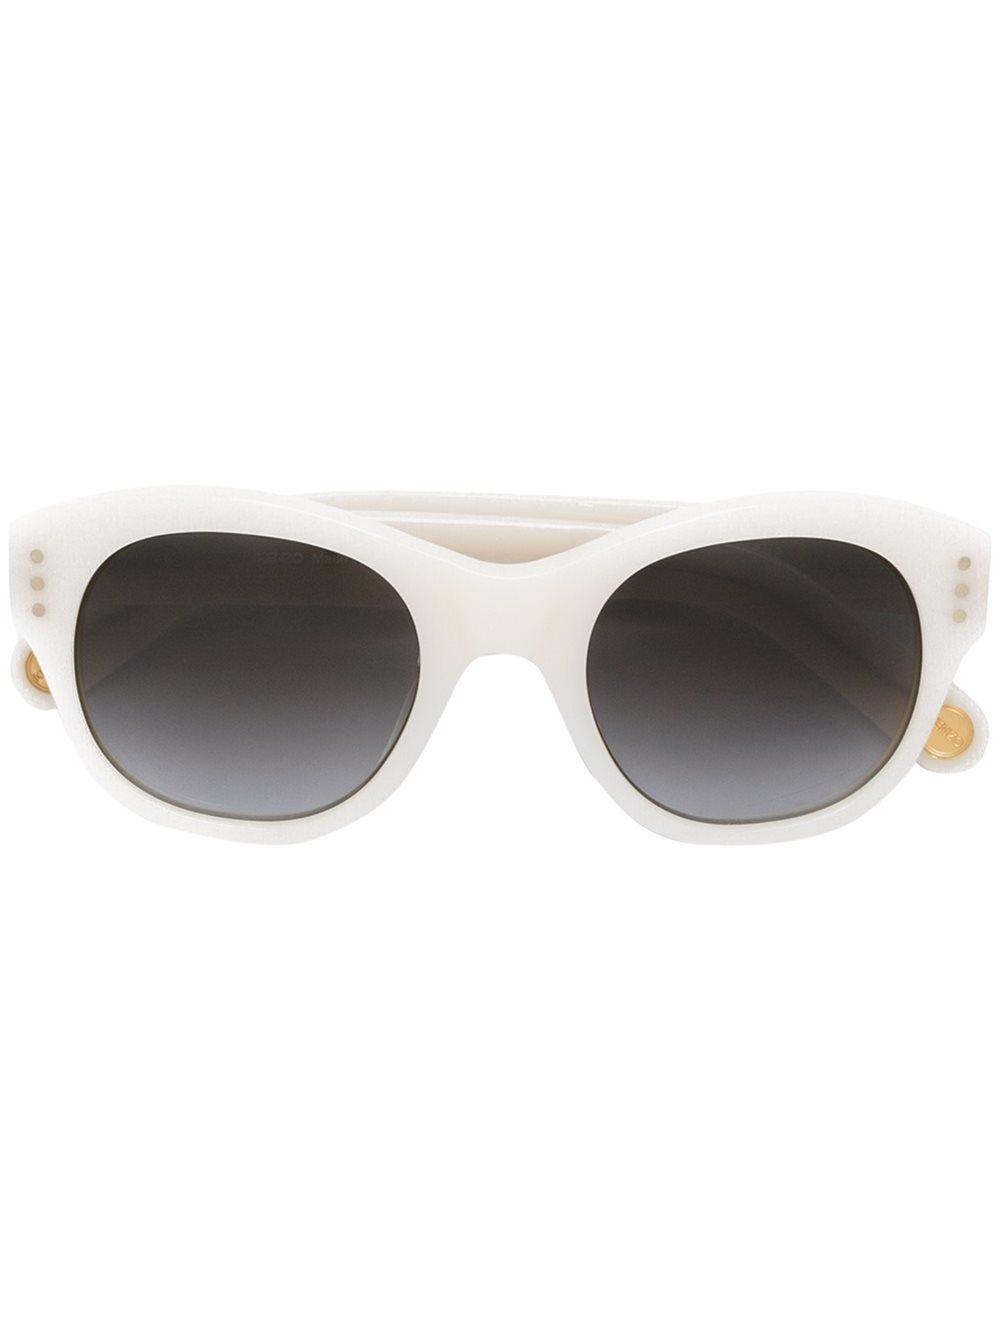 d2cd2c2815ae44 Kenzo lunettes de soleil